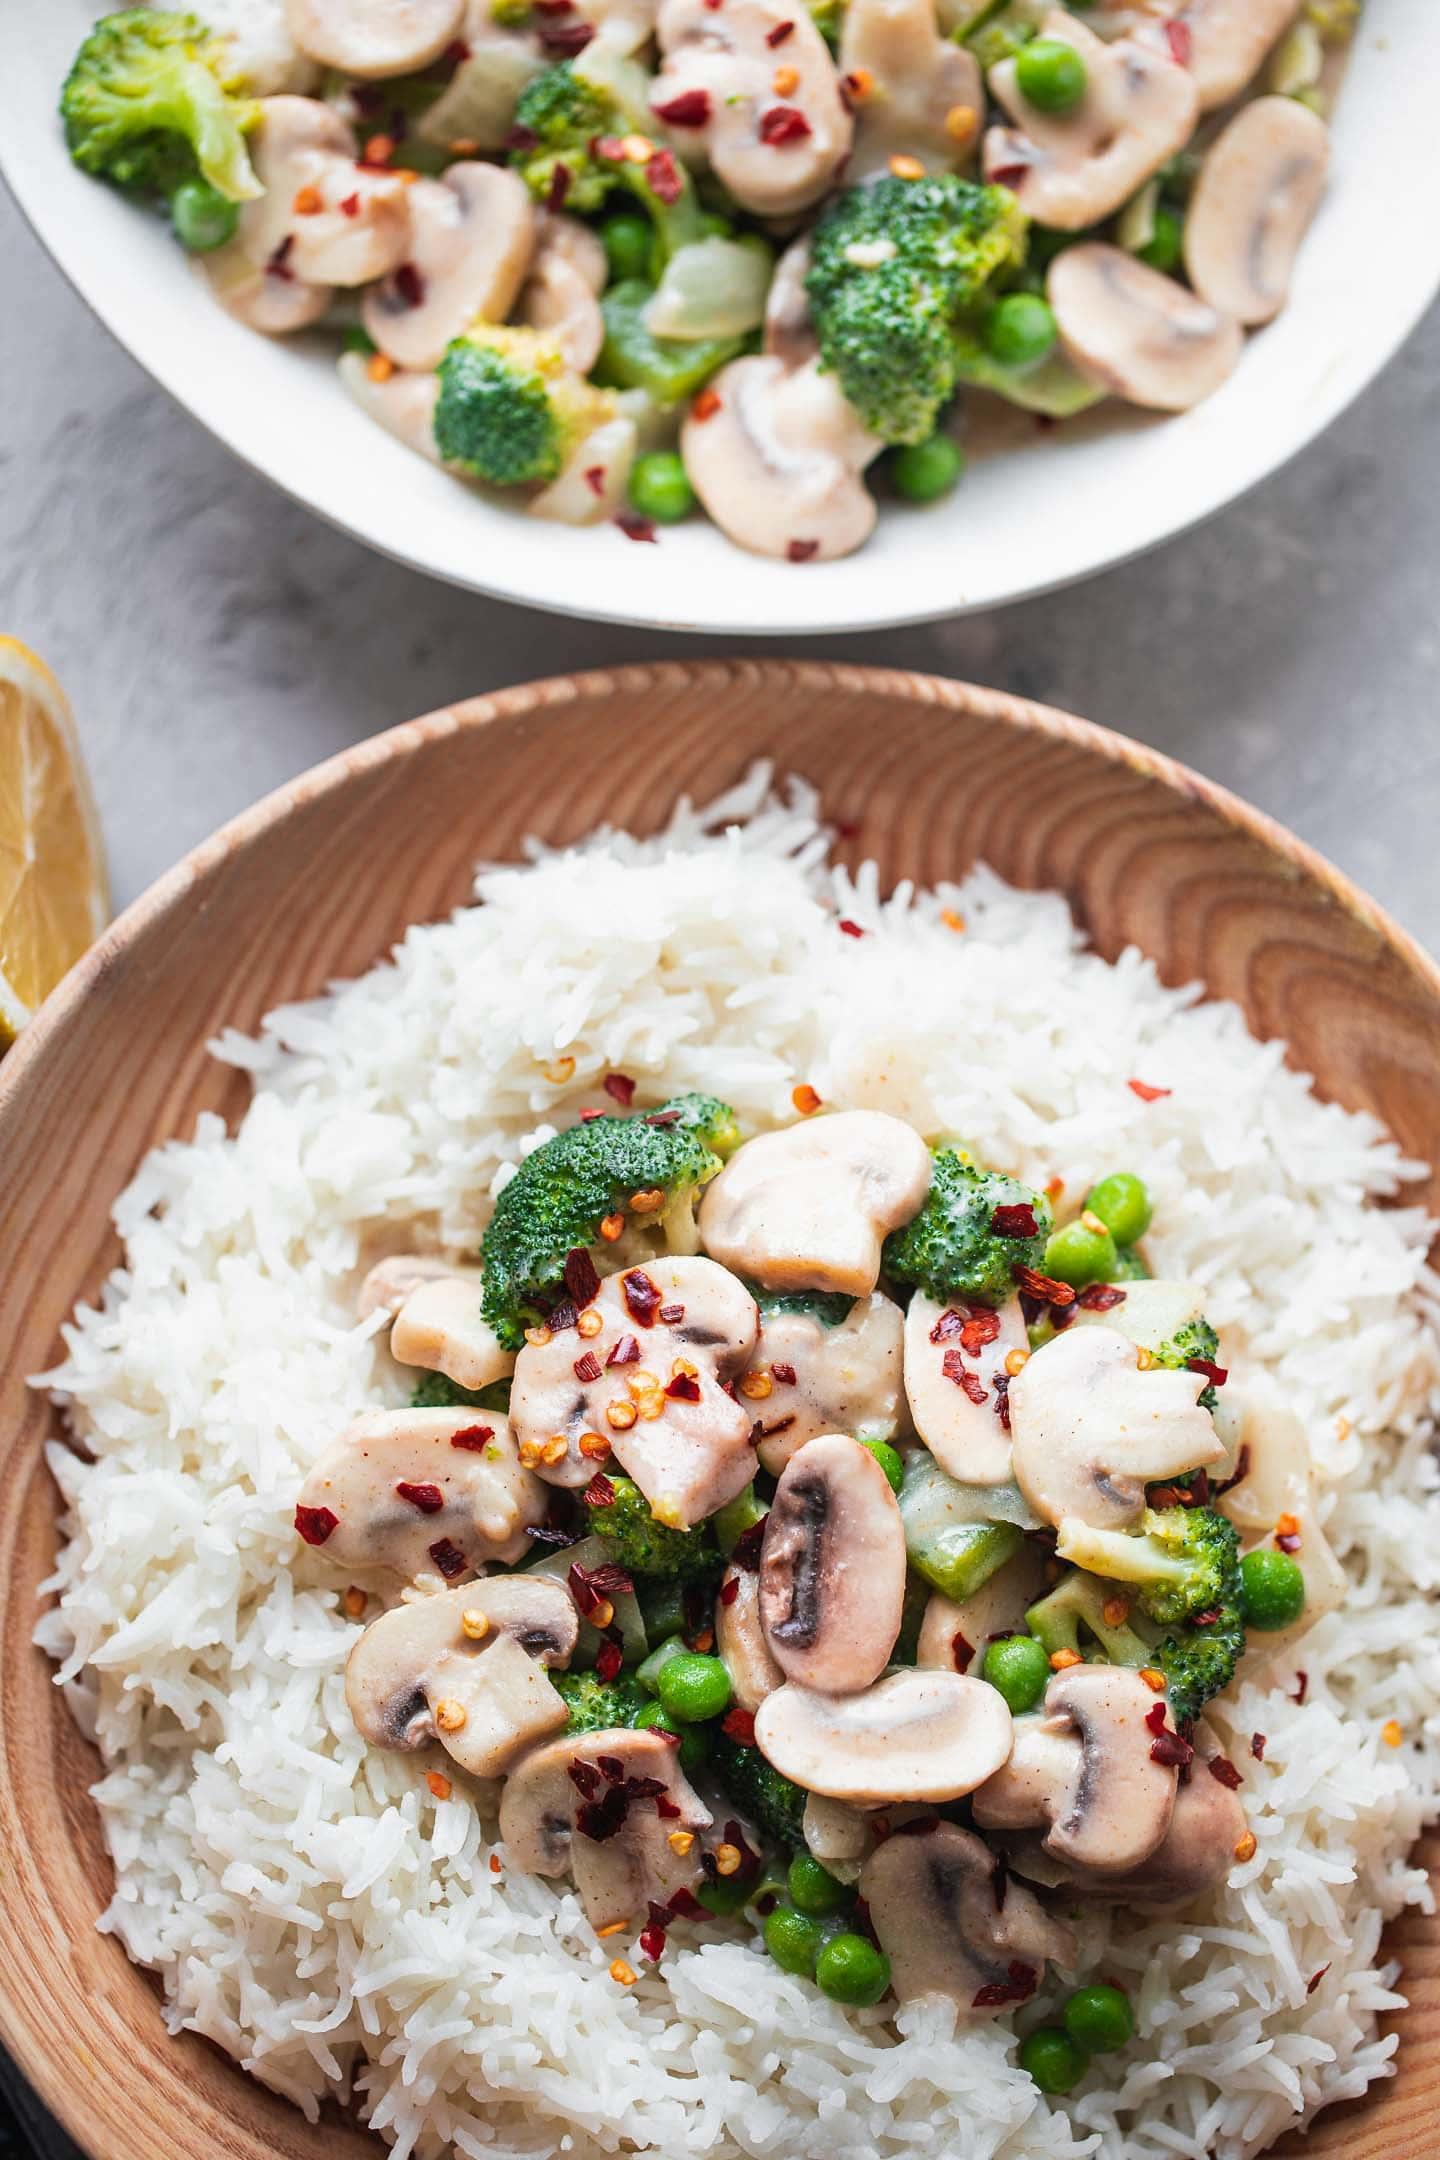 Two bowls of vegan mushroom stroganoff